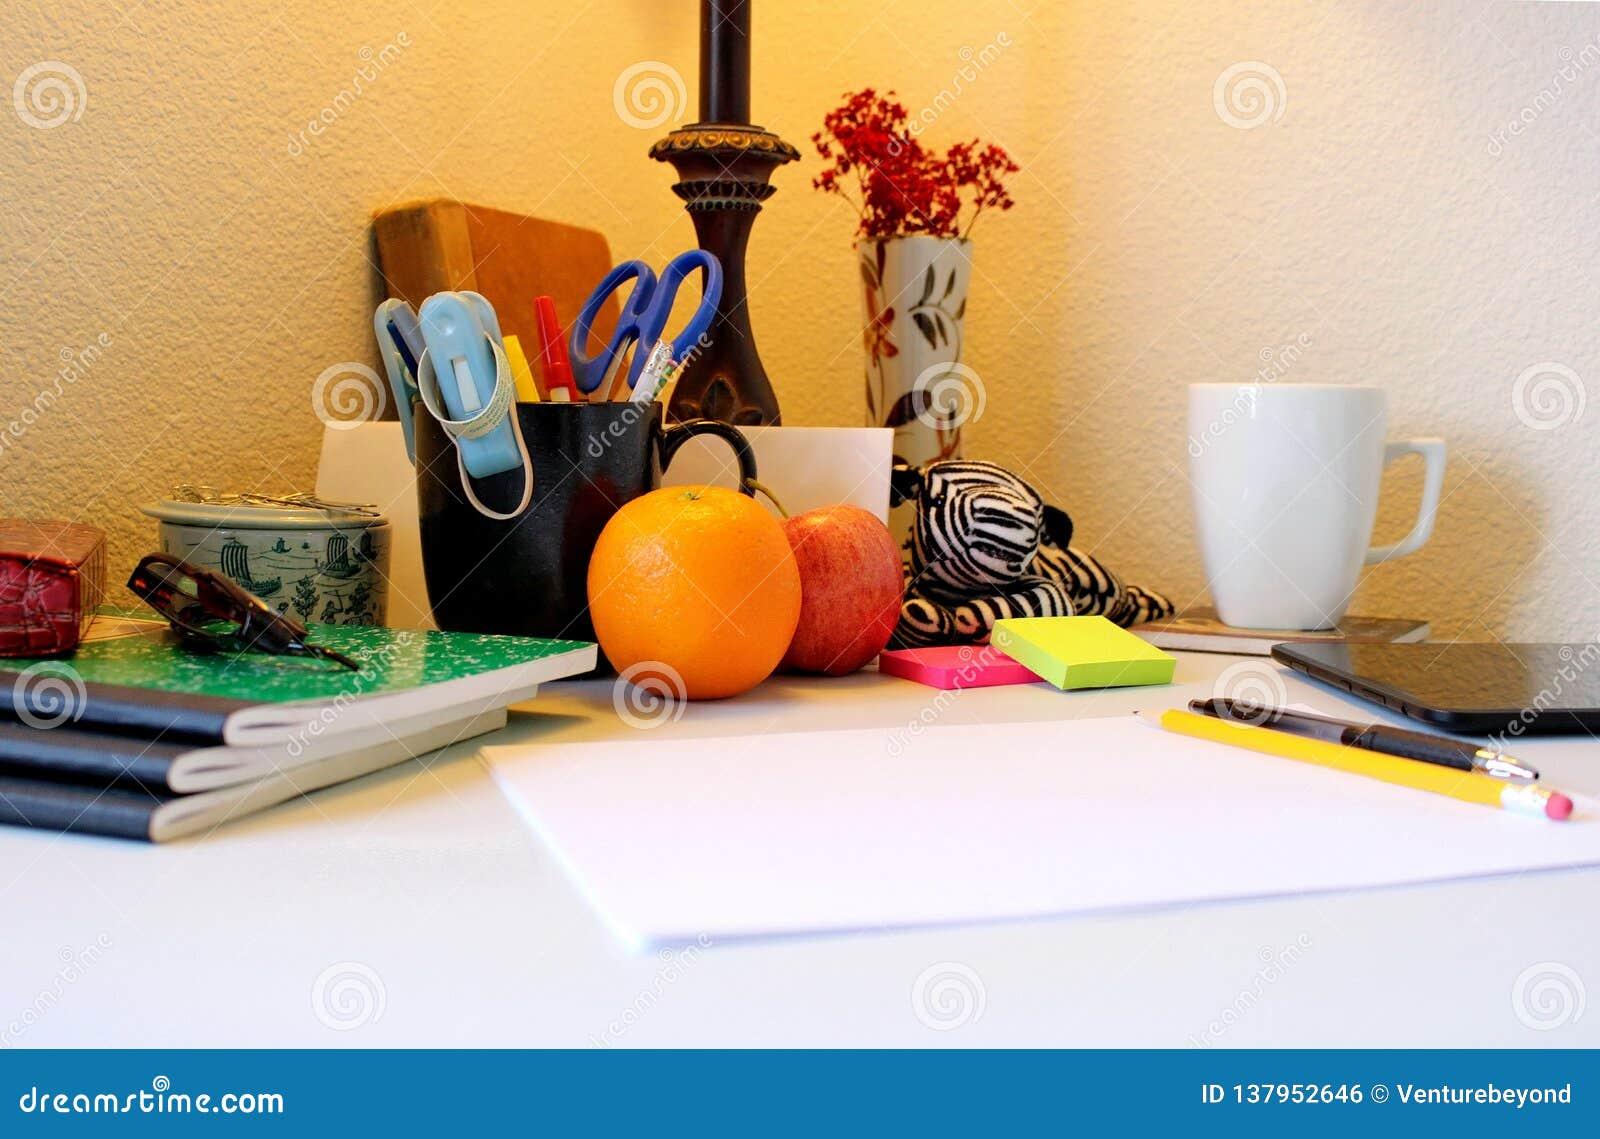 内政部-做刺激您的创造性的空间